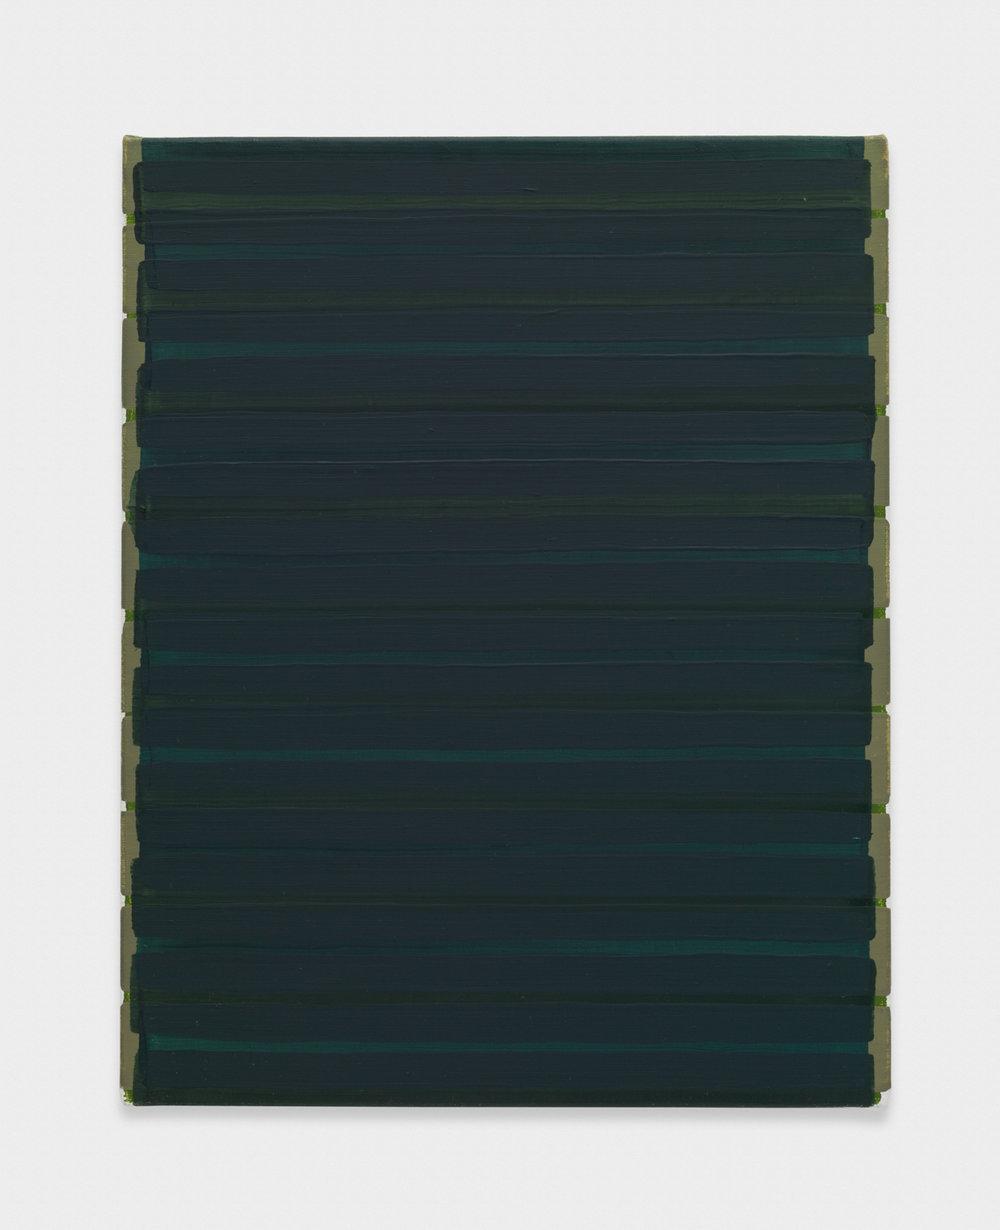 Yui Yaegashi by turns 2017 Oil on canvas 9 5/8h x 7 1/2w in 24.45h x 19.05w cm YY104